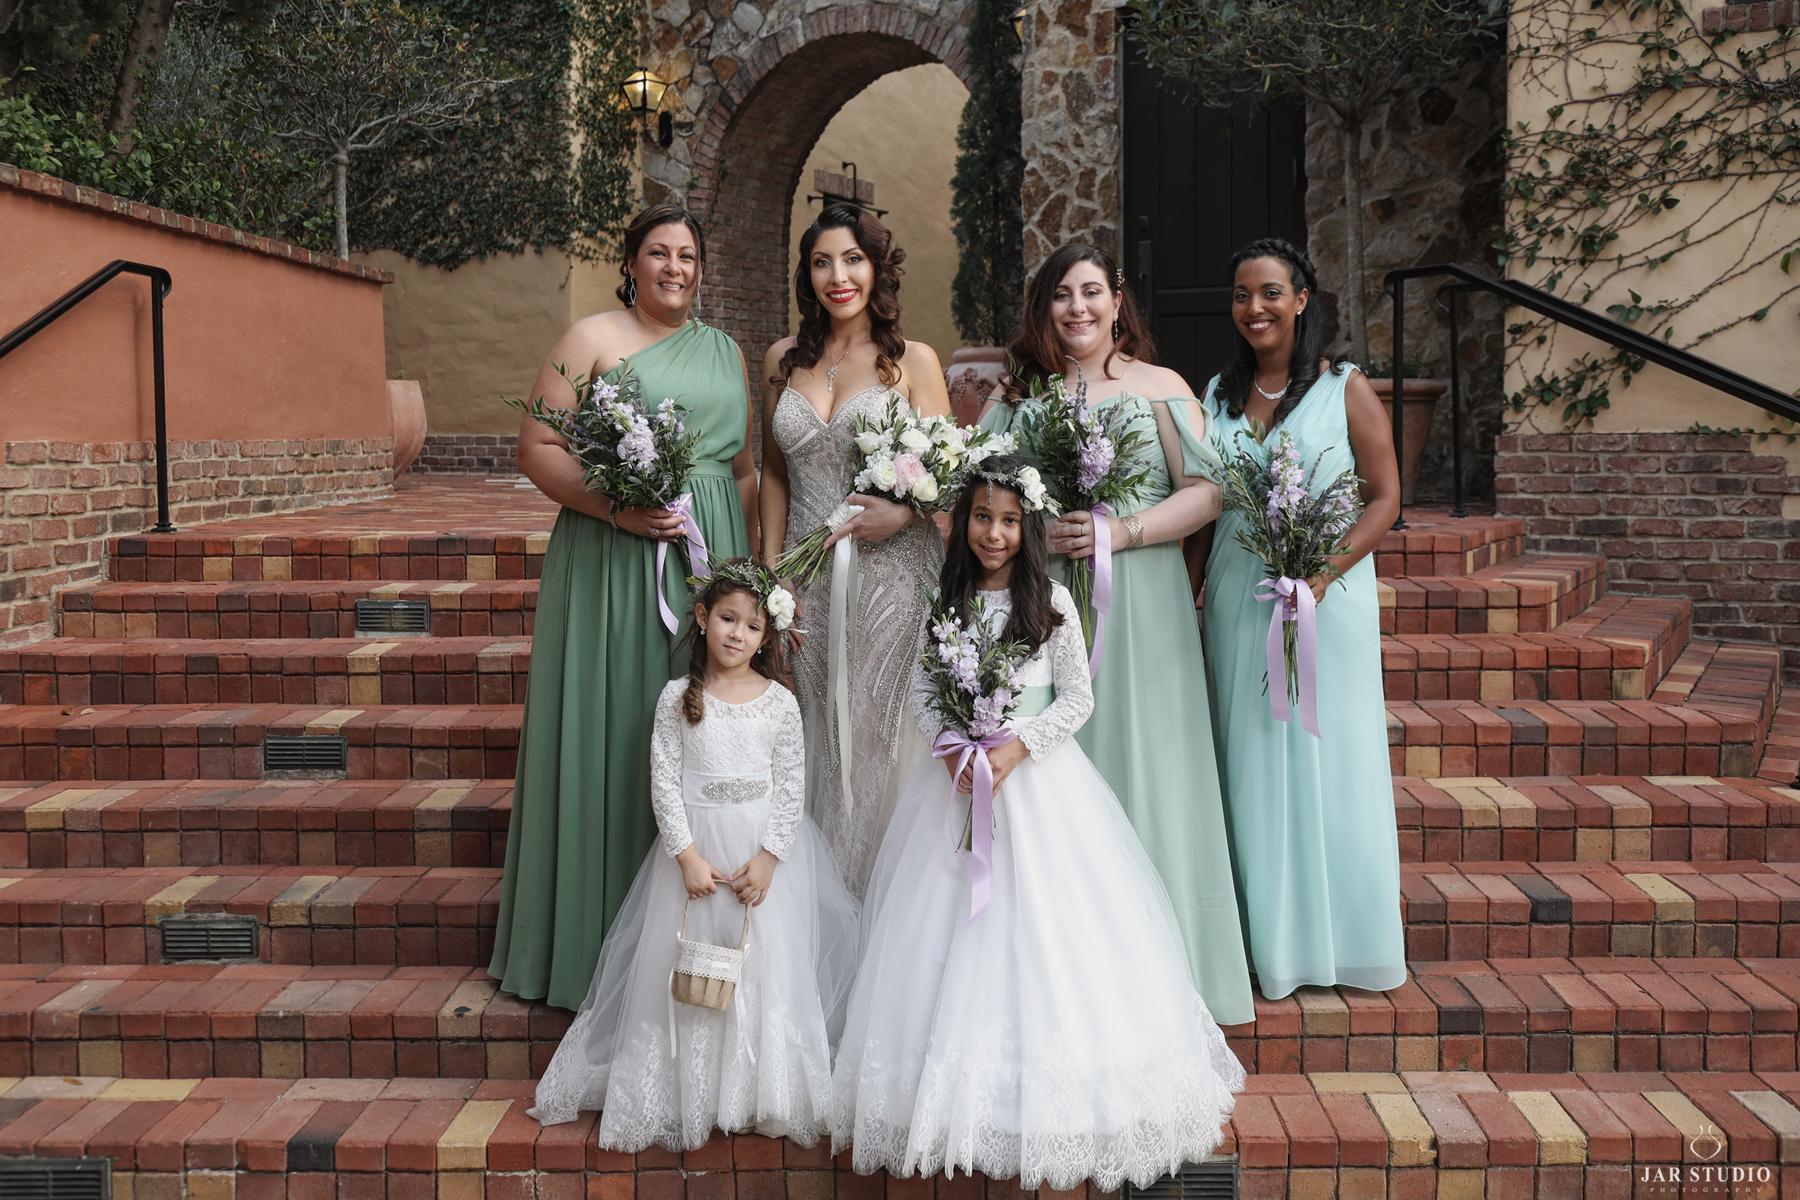 08-modern-elegant-wedding-colors-jarstudio.jpg